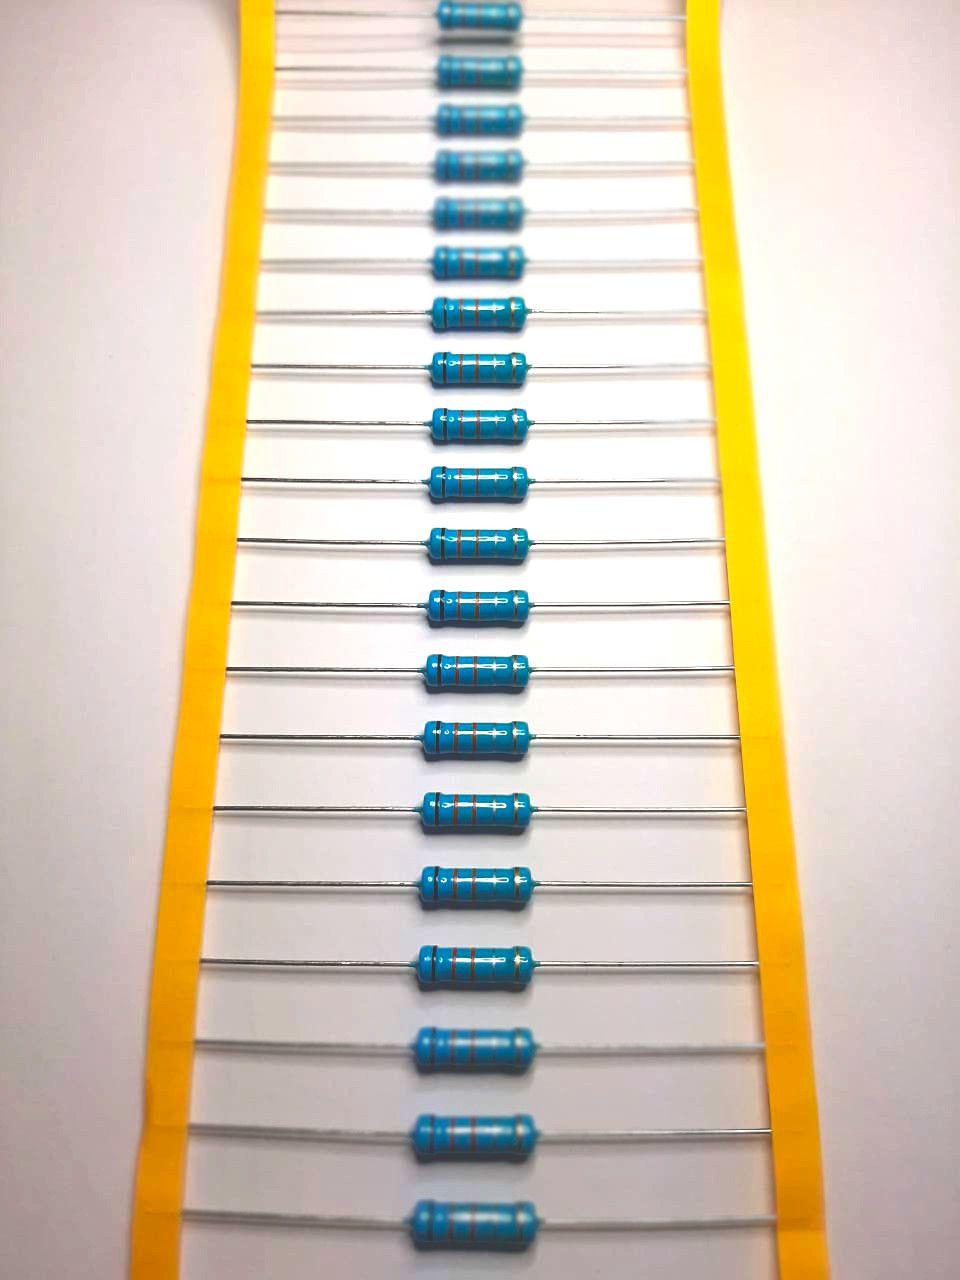 Resistor Metal Filme 3WS 5% Valores 1M0 Até 9M1 Caixa com 1000 Peças